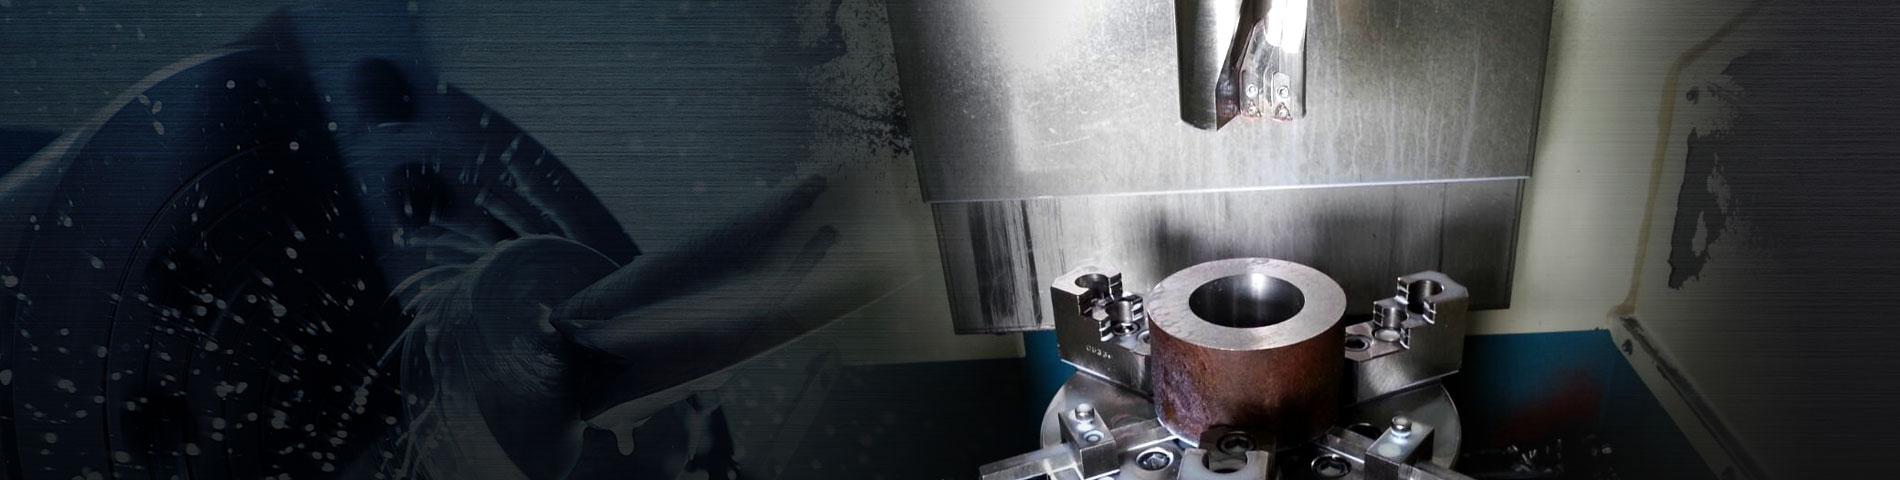 高速钢钻孔服务